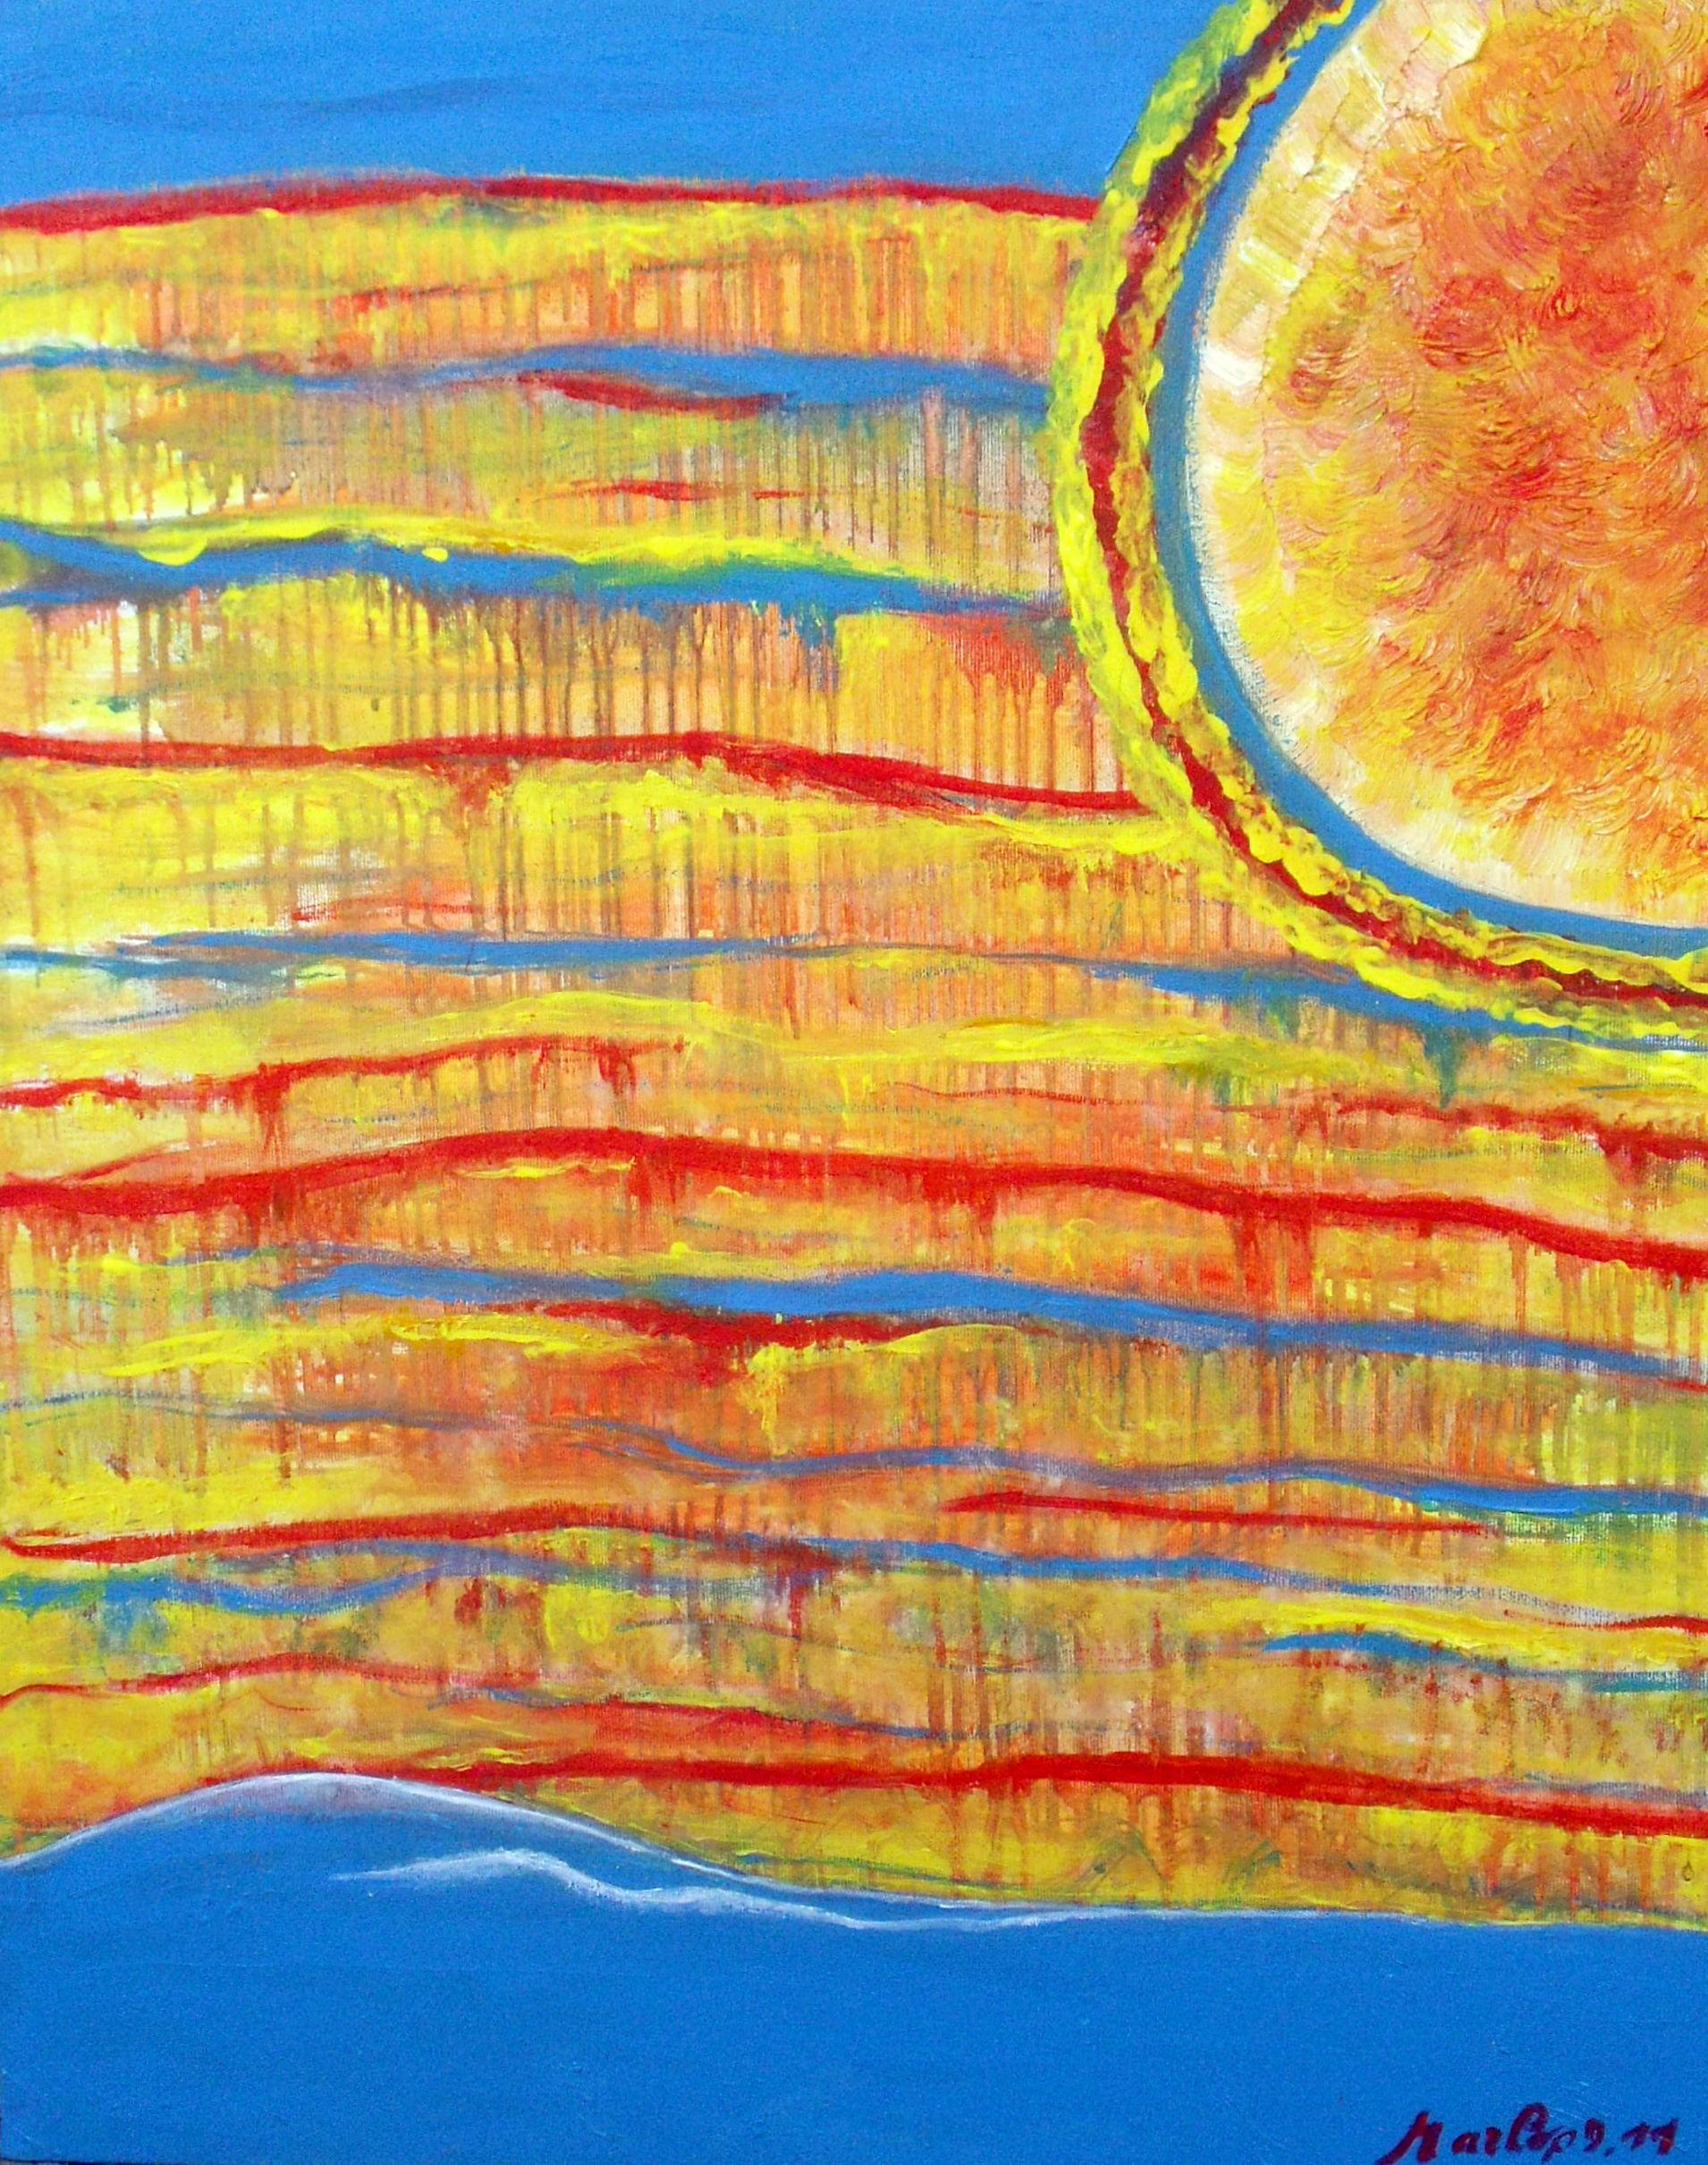 Planet Earth - Summertime. Planète terre - L\'été, huile/acrylque  70/60cm